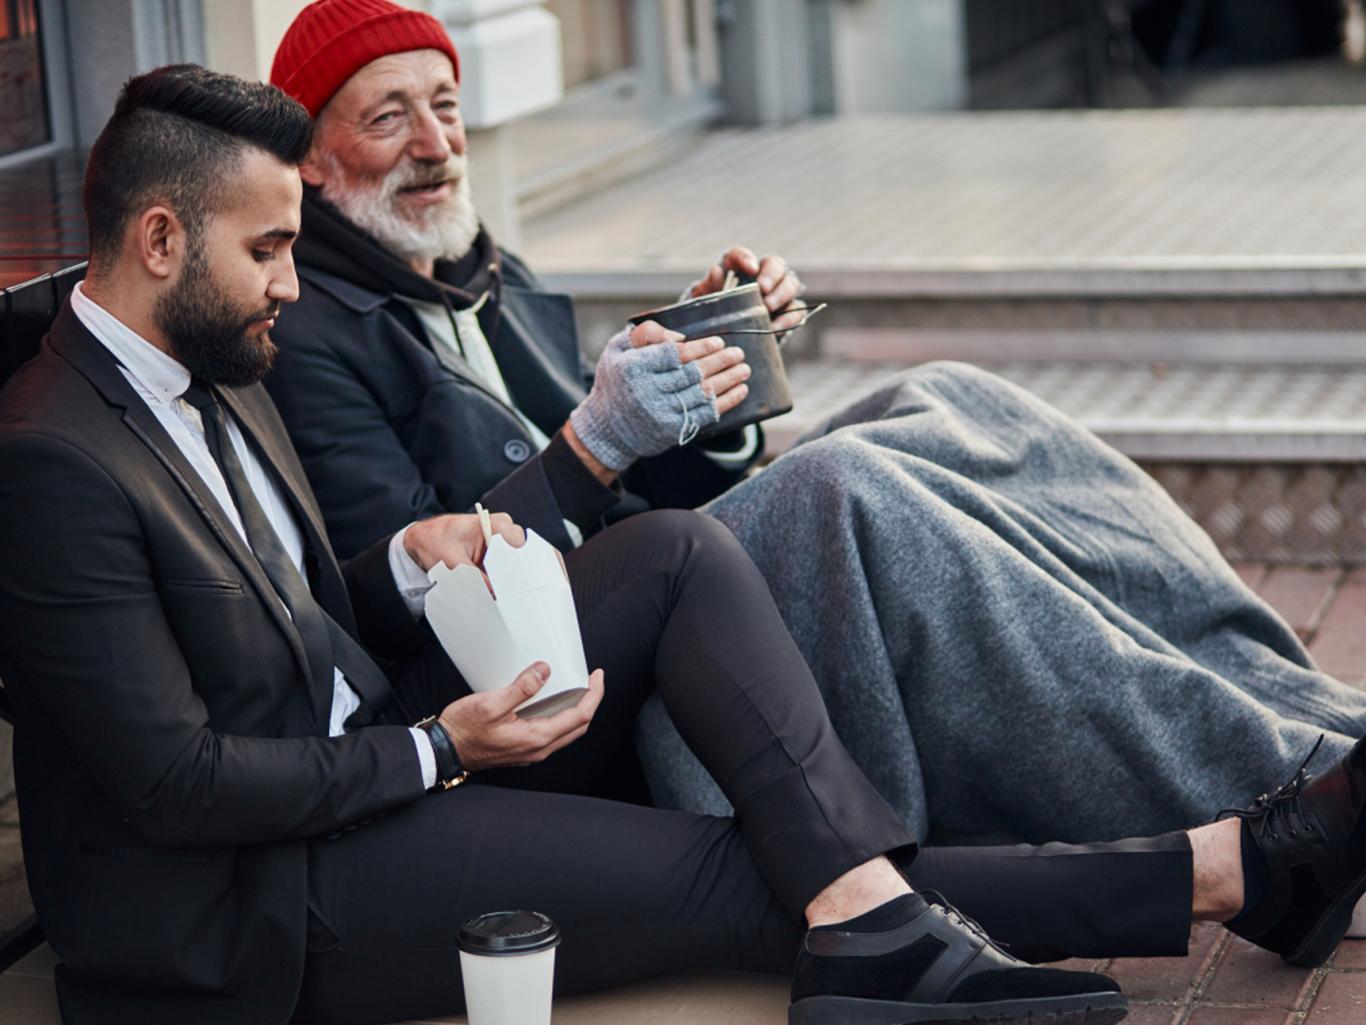 Разница между богатыми и бедными: как смотрят на мир успешные люди